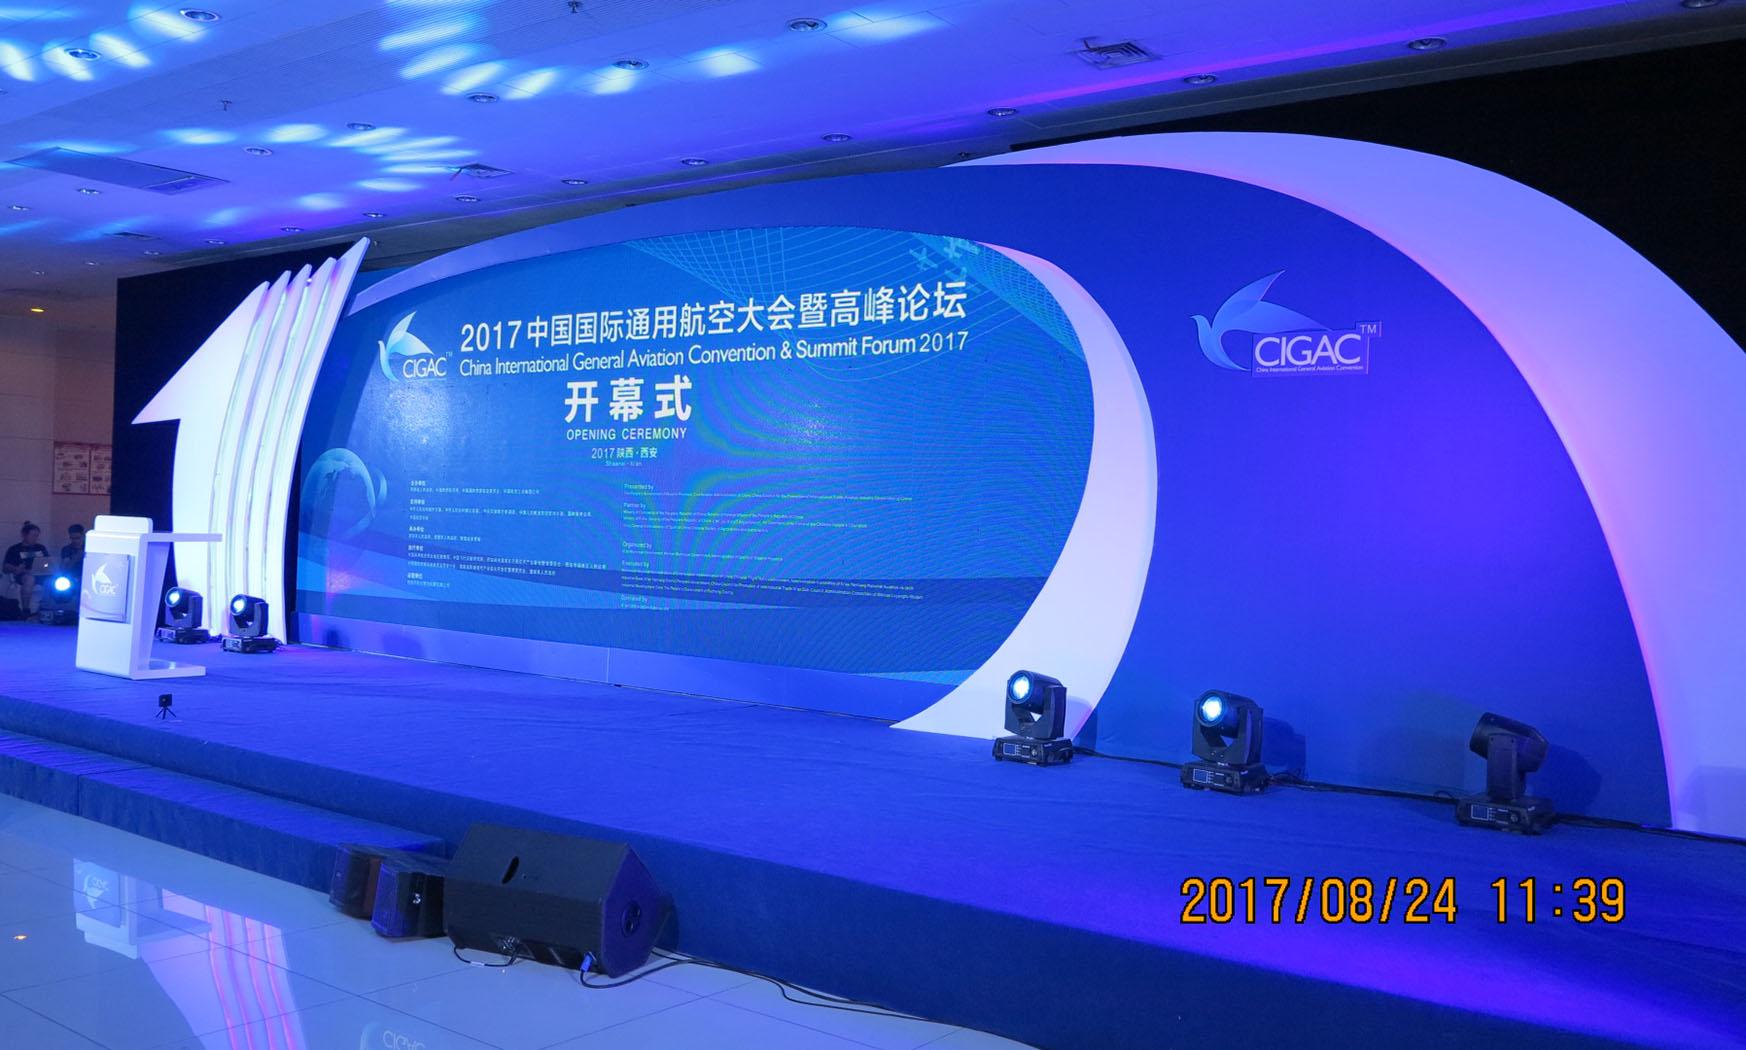 第五届中国国际通用航空大会参展工作顺利完成